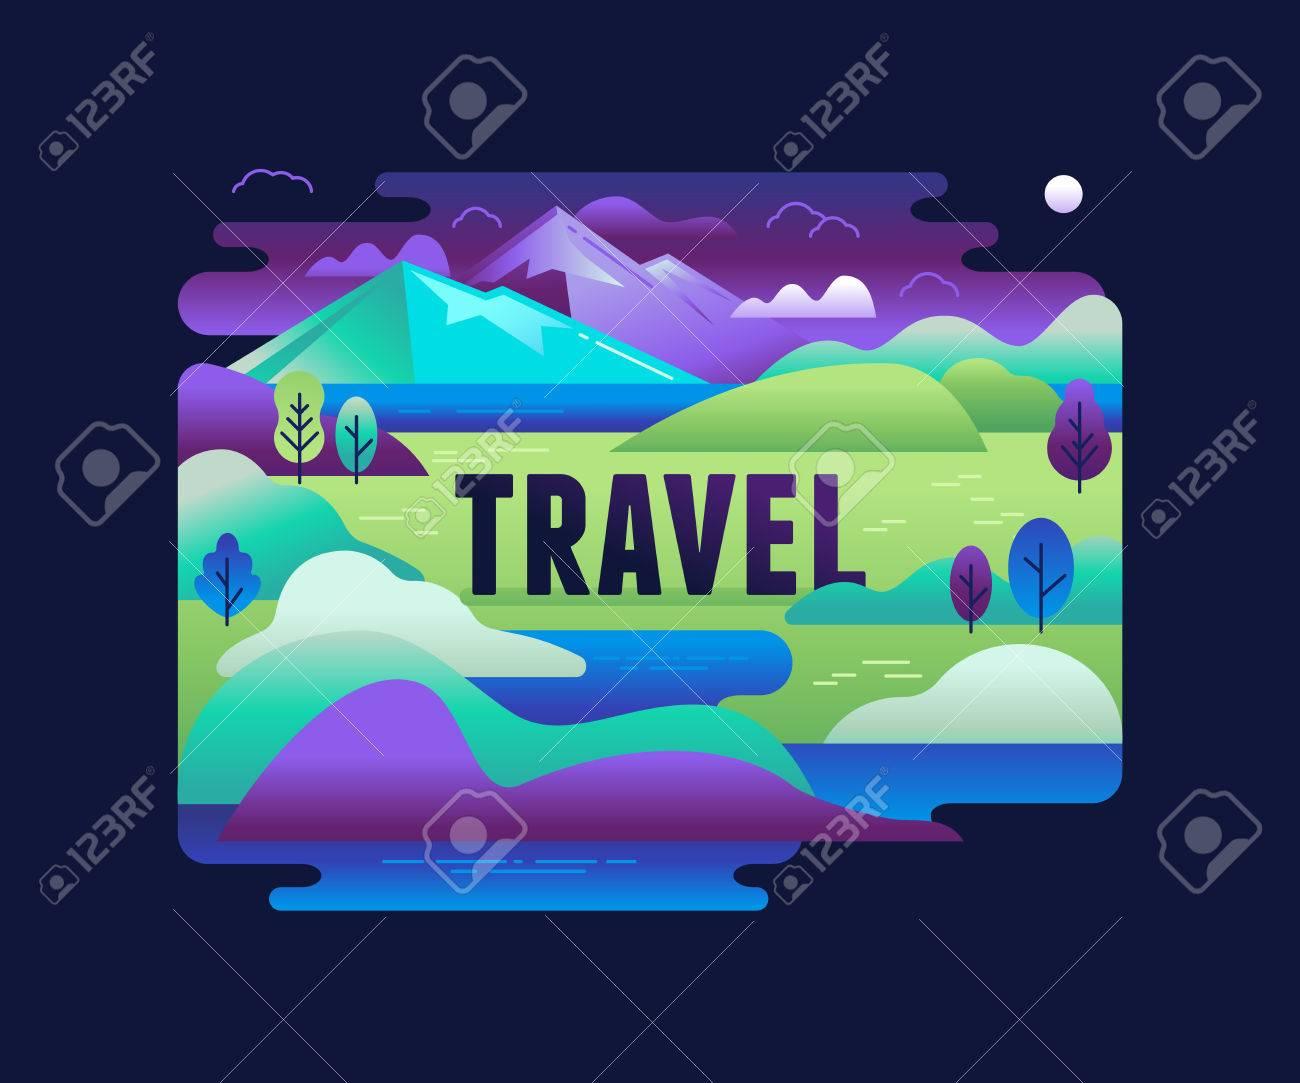 Vektor-Illustration im trendigen flachen und linearen Stil - Hintergrund mit grünen Landschaft und die Berge - Konzept und Design-Element für Banner, Infografiken, Grußkarte - Reise-Konzept Standard-Bild - 70965341